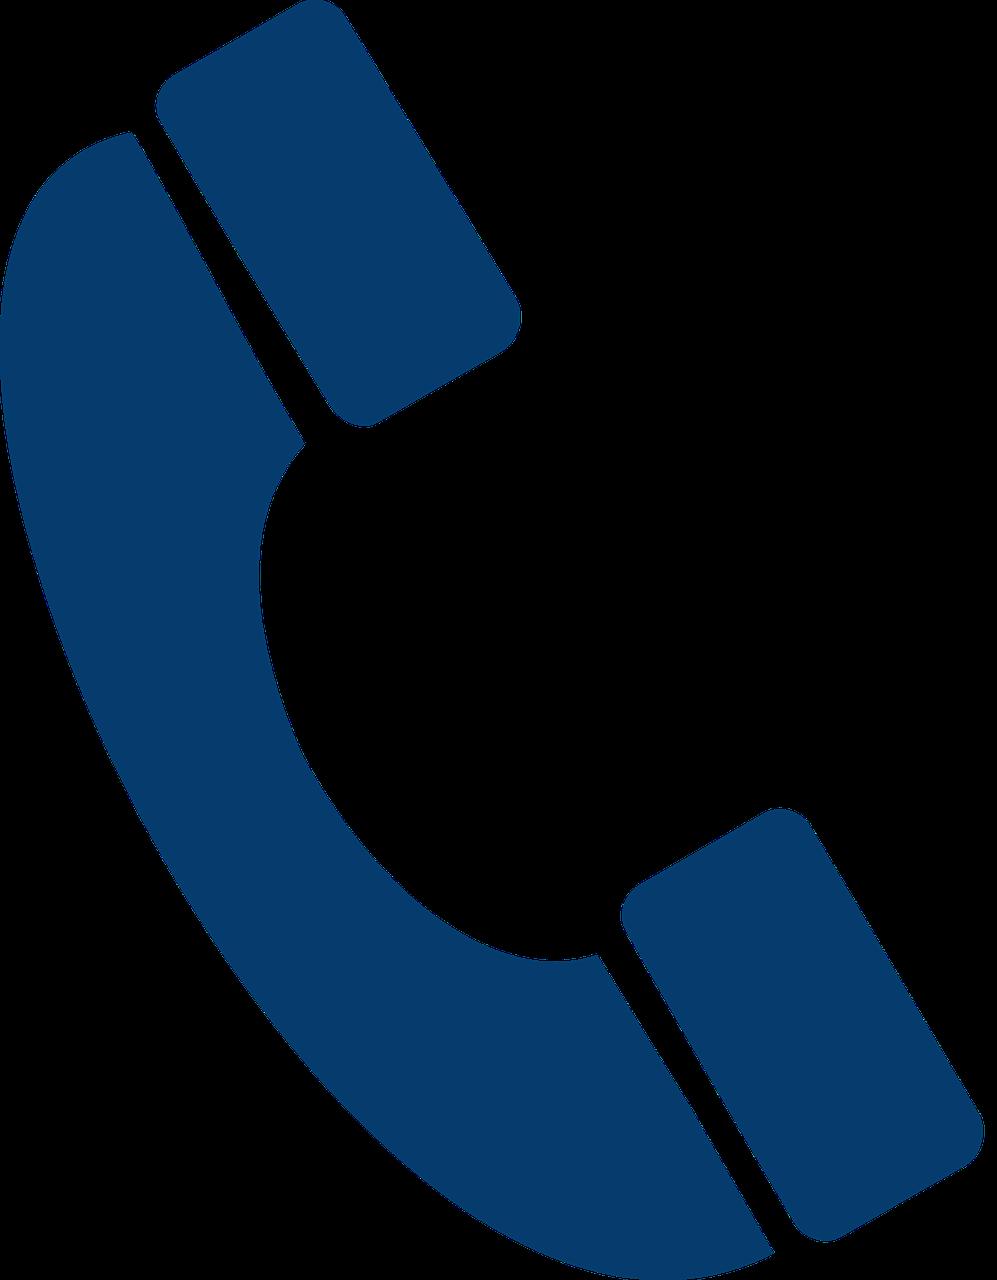 phone, call, telephone-651704.jpg